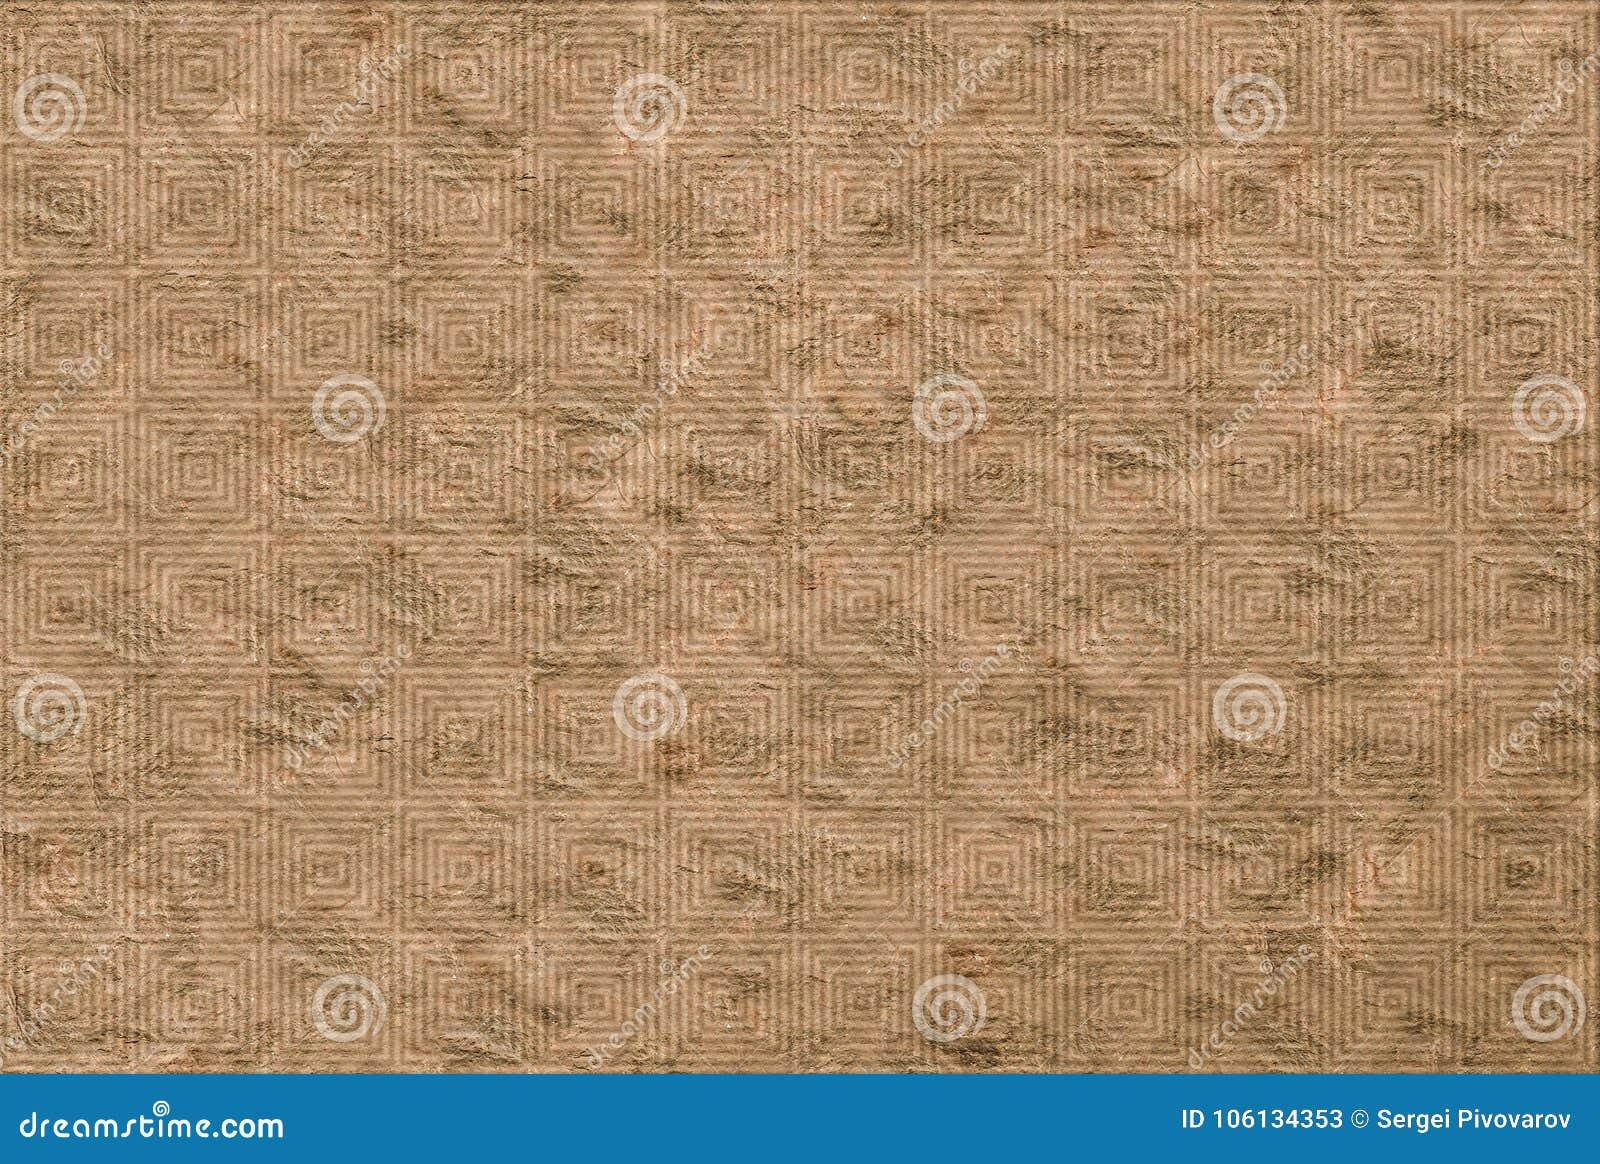 Φυσικό υπόβαθρο πετρών, μπεζ λαβύρινθος διακοσμήσεων βάσεων στην επιφάνεια του καμβά, αγροτικό έγγραφο